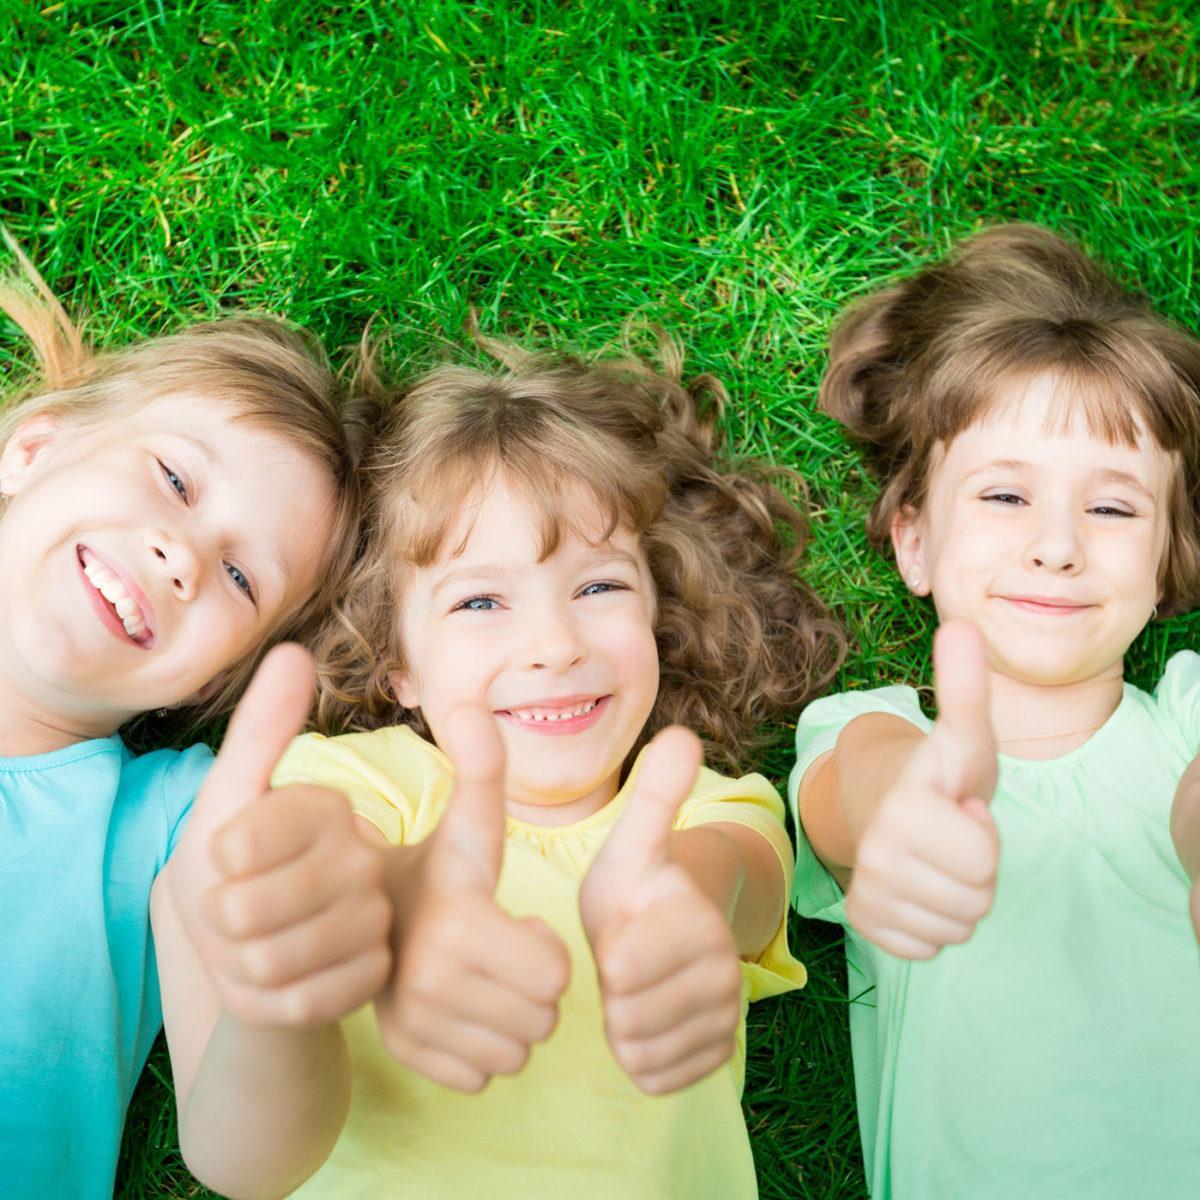 http://www.medipark.pl/wp-content/uploads/2015/11/dla-dzieci-1200x1200.jpg